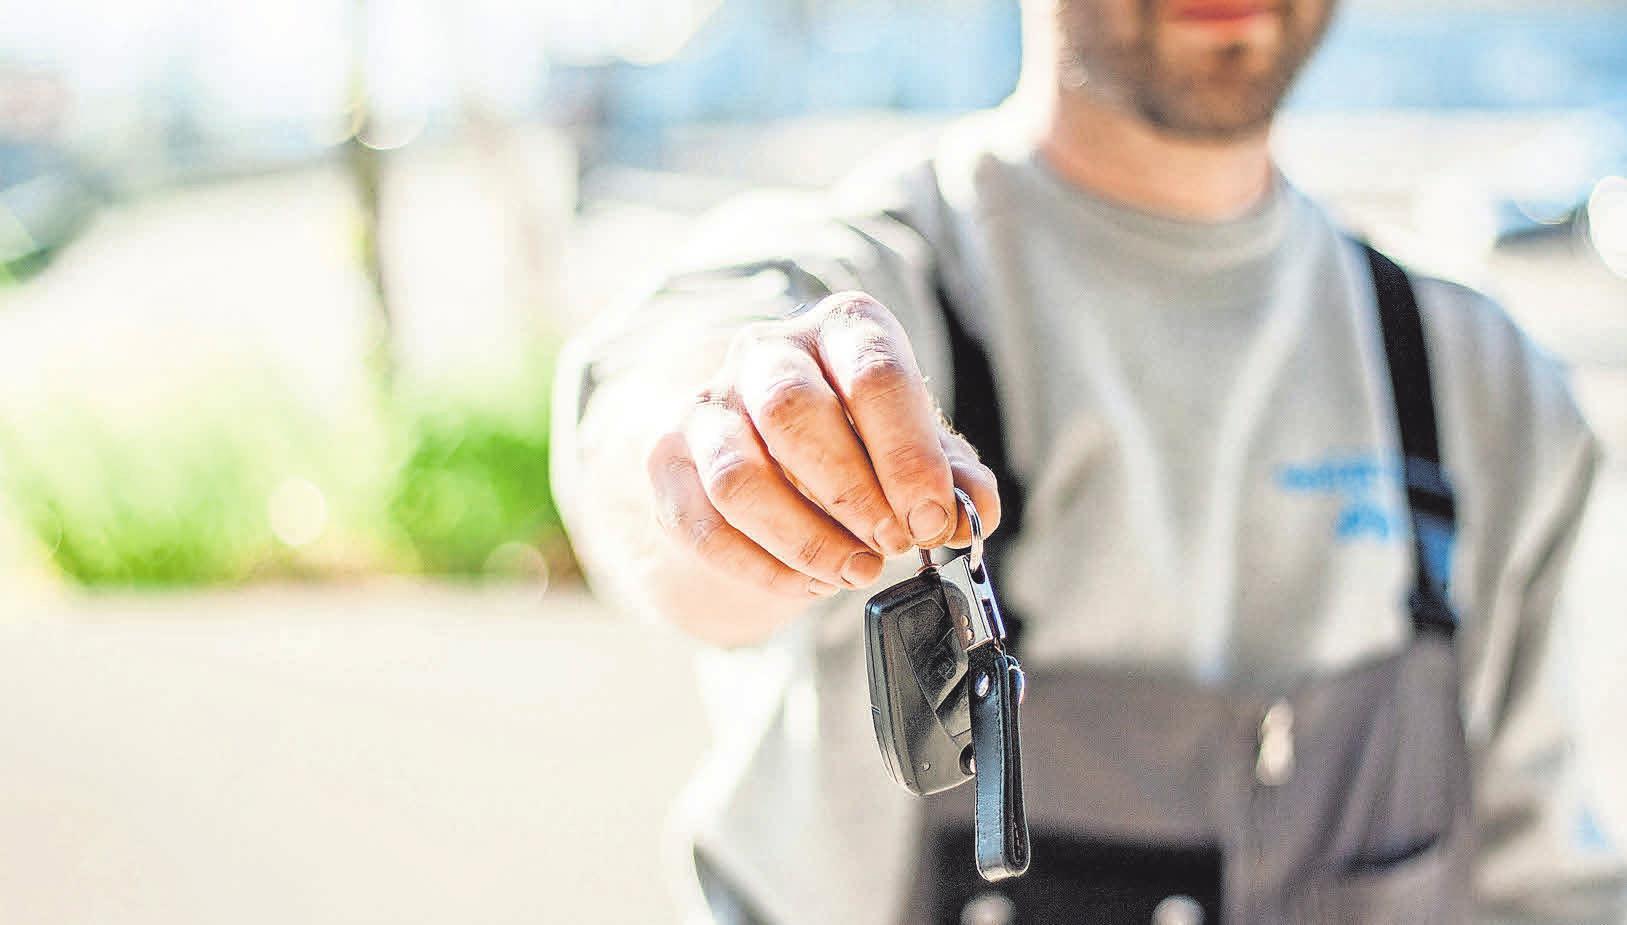 Serviceintervalle sollten bei Fahrzeugen eingehalten werden. Foto: Pexels